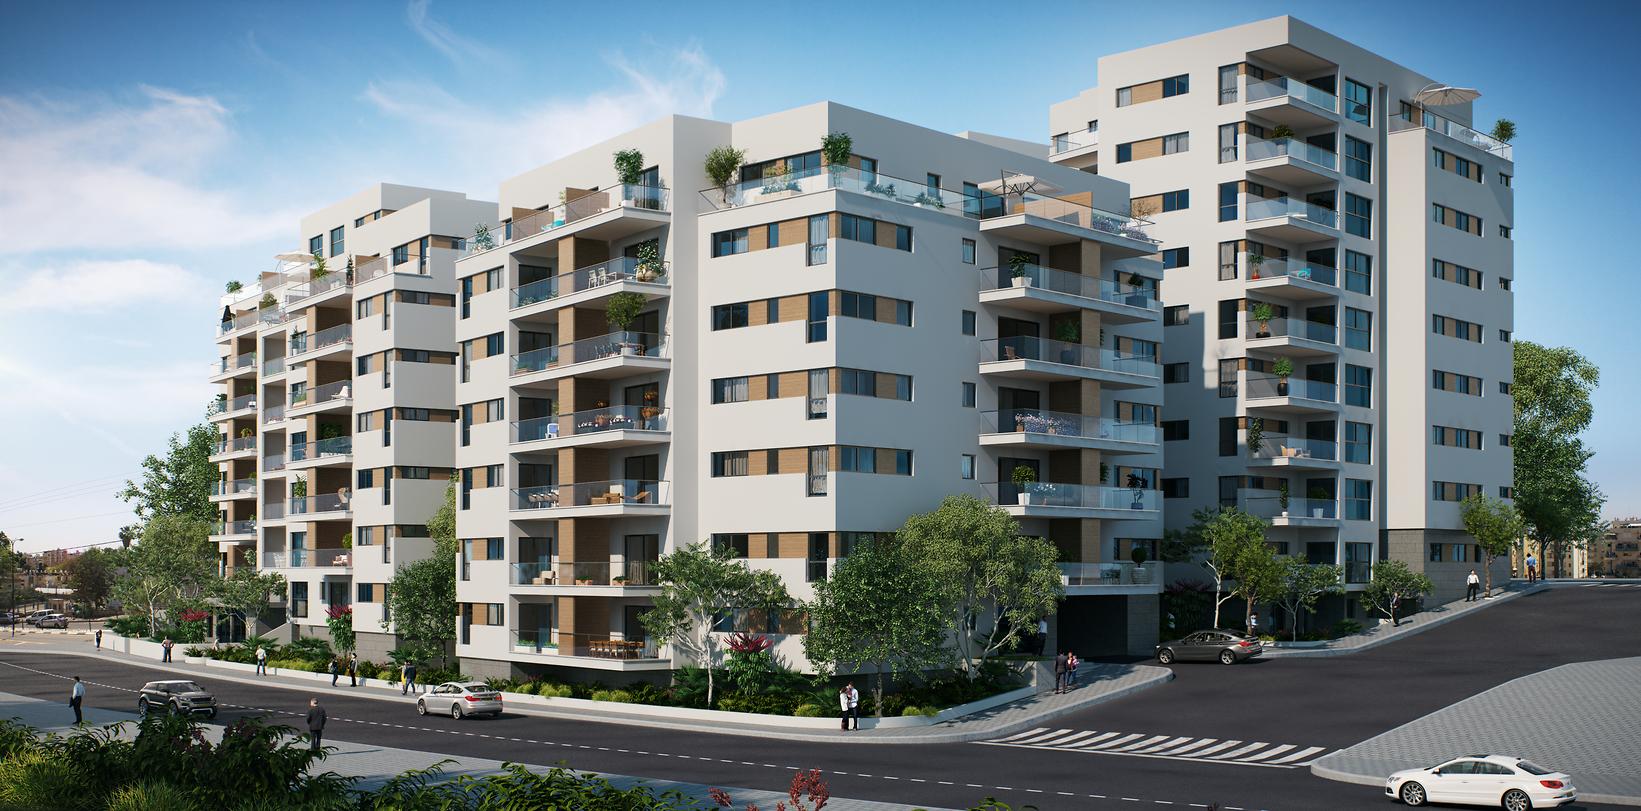 """NEXT הרא""""ה, רמת גן - פרויקט פינוי-בינוי של החברה להתחדשות עירונית (באדיבות החברה להתחדשות עירונית)"""